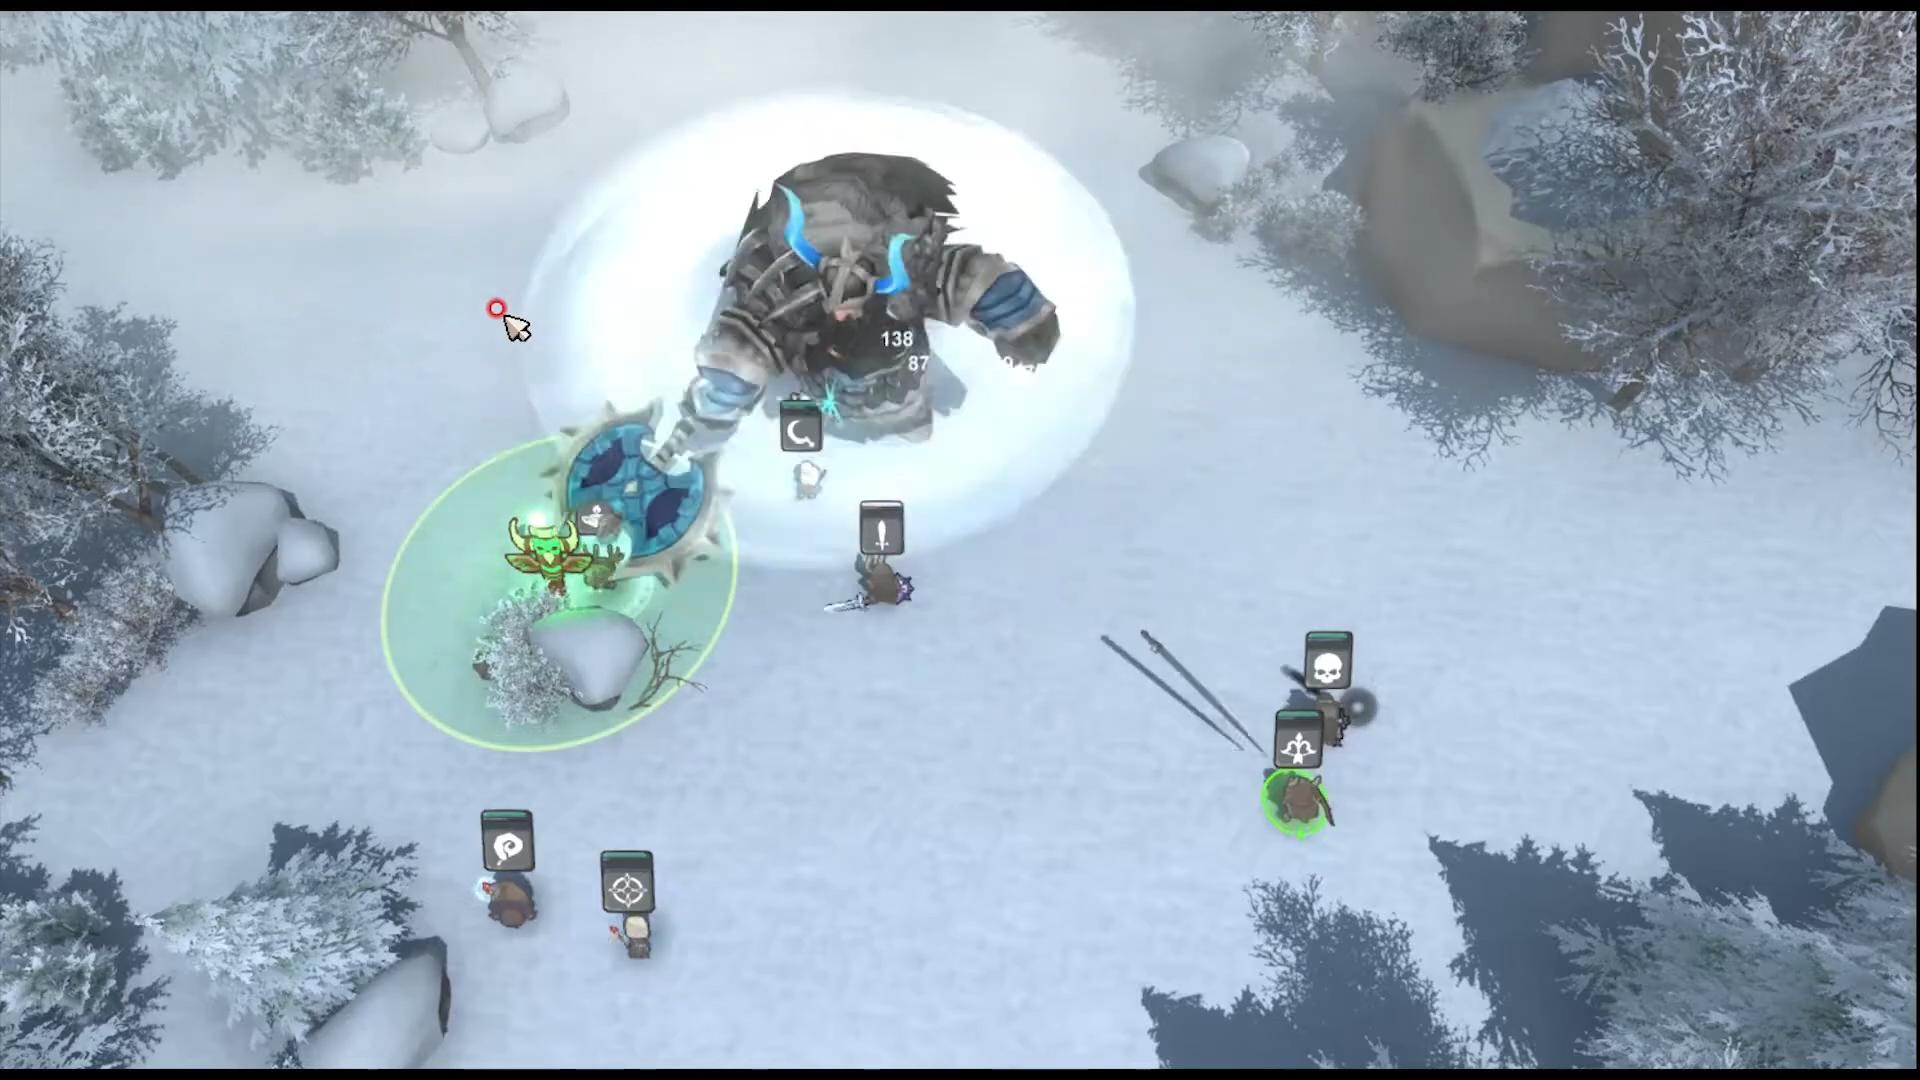 레이더스 '타락한 드워프 킹' 전투영상 1-36 screenshot.png